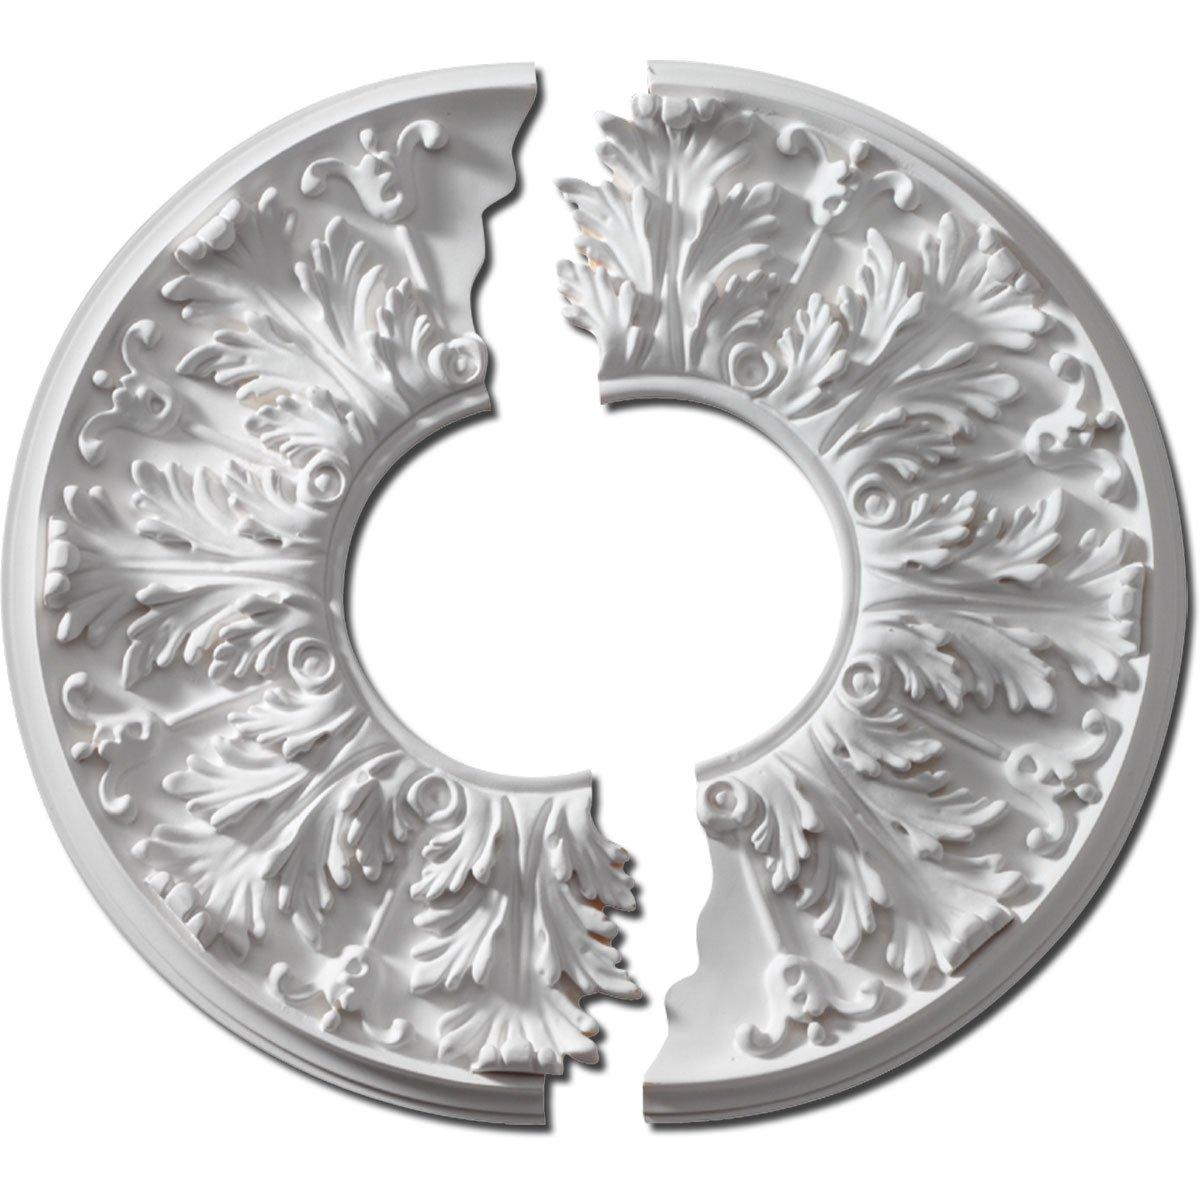 Fypon CM16FL2 16'' OD x 5 5/8'' ID x 1 1/8'' P Florentine Ceiling Medallion, 2 Piece